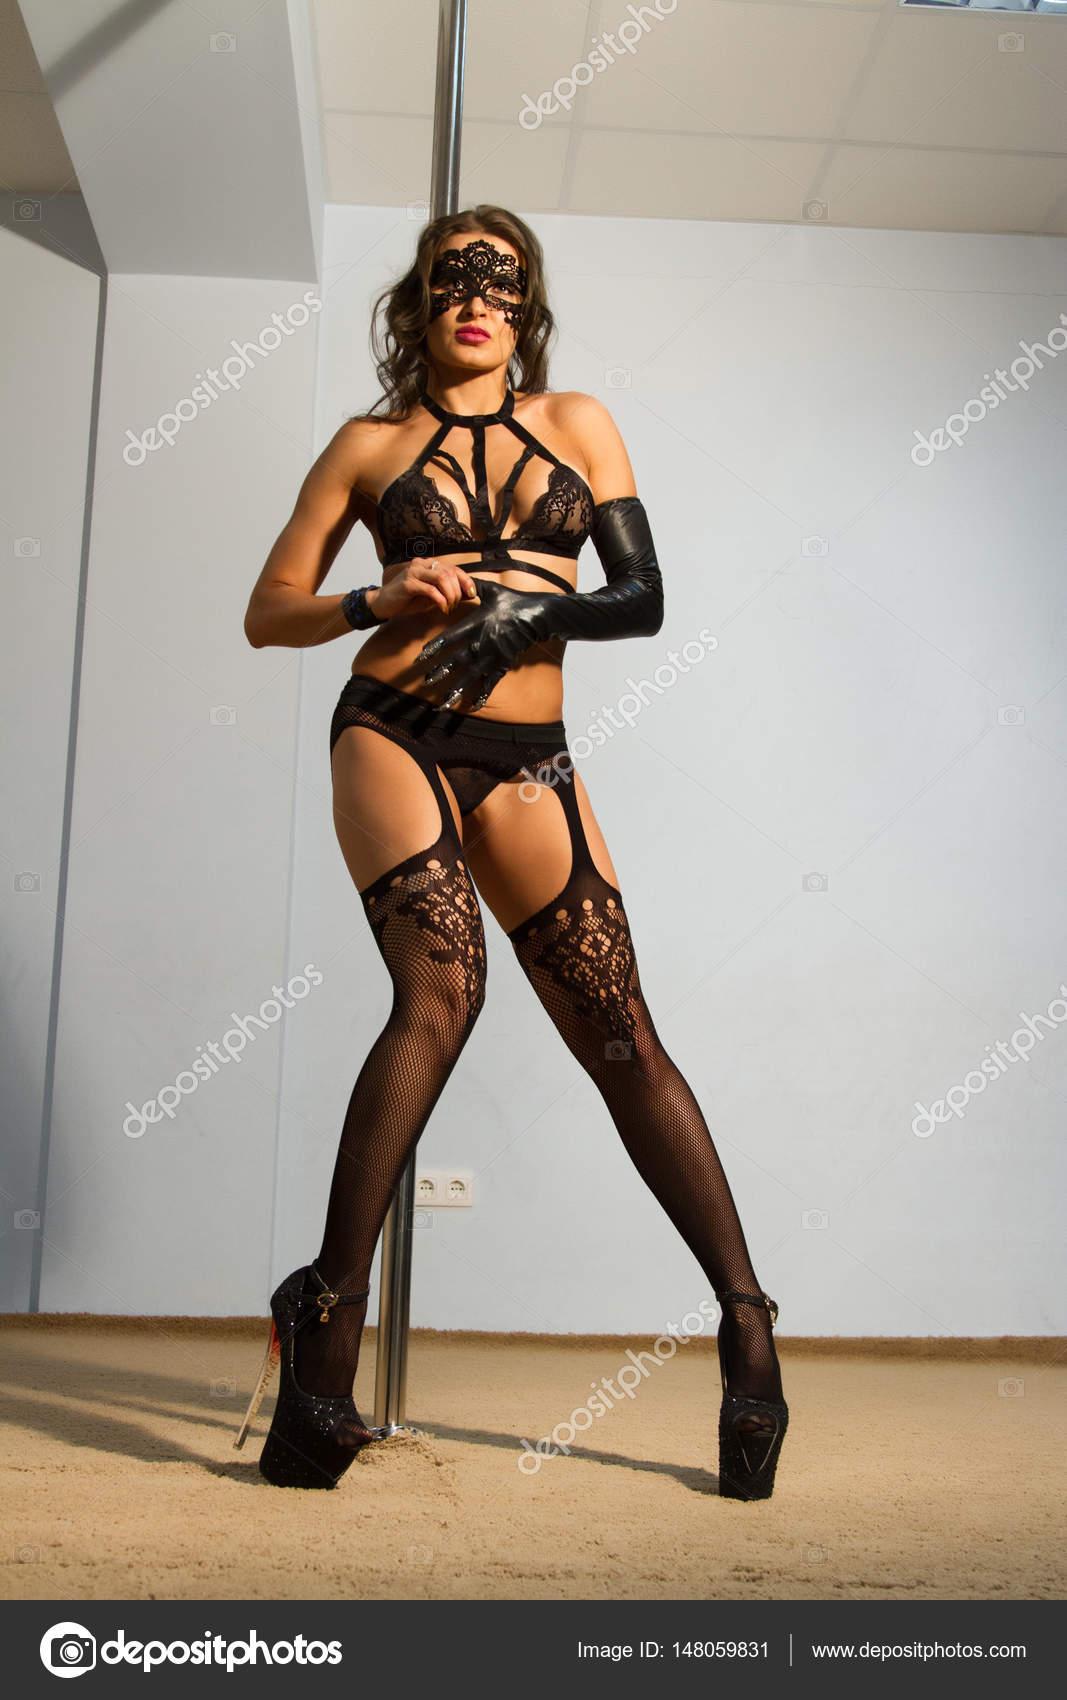 742b24fdc3e7 Garota vestindo uma máscara de laço e lingerie é dançar no sexto striptease  — Fotografia de